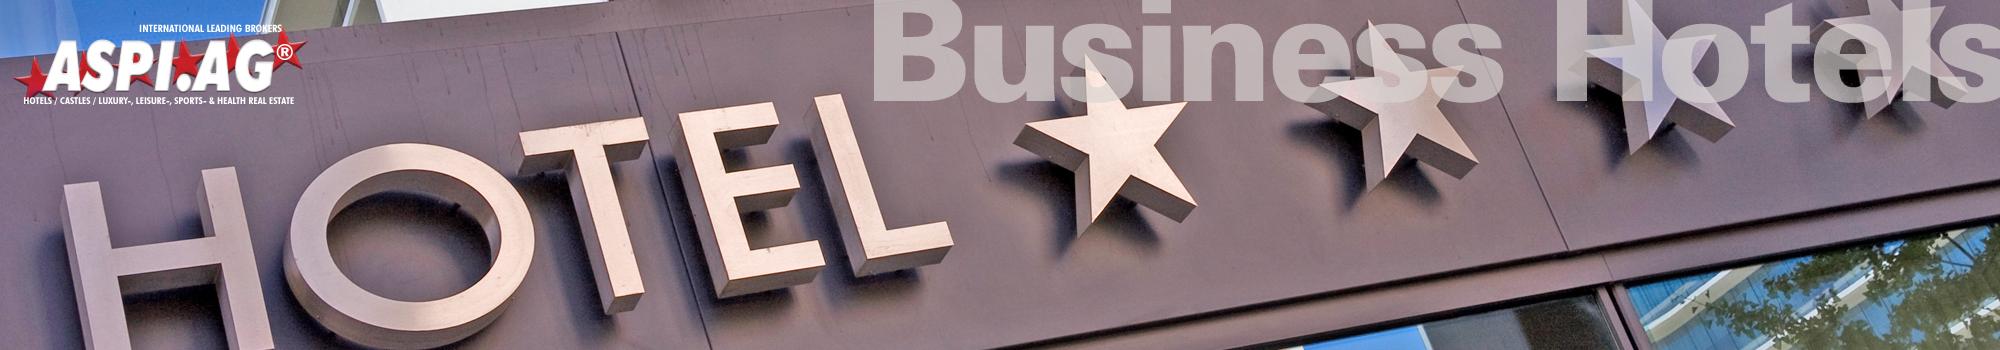 Businesshotel Tagungshotel kaufen pachten Hotelmakler ASP